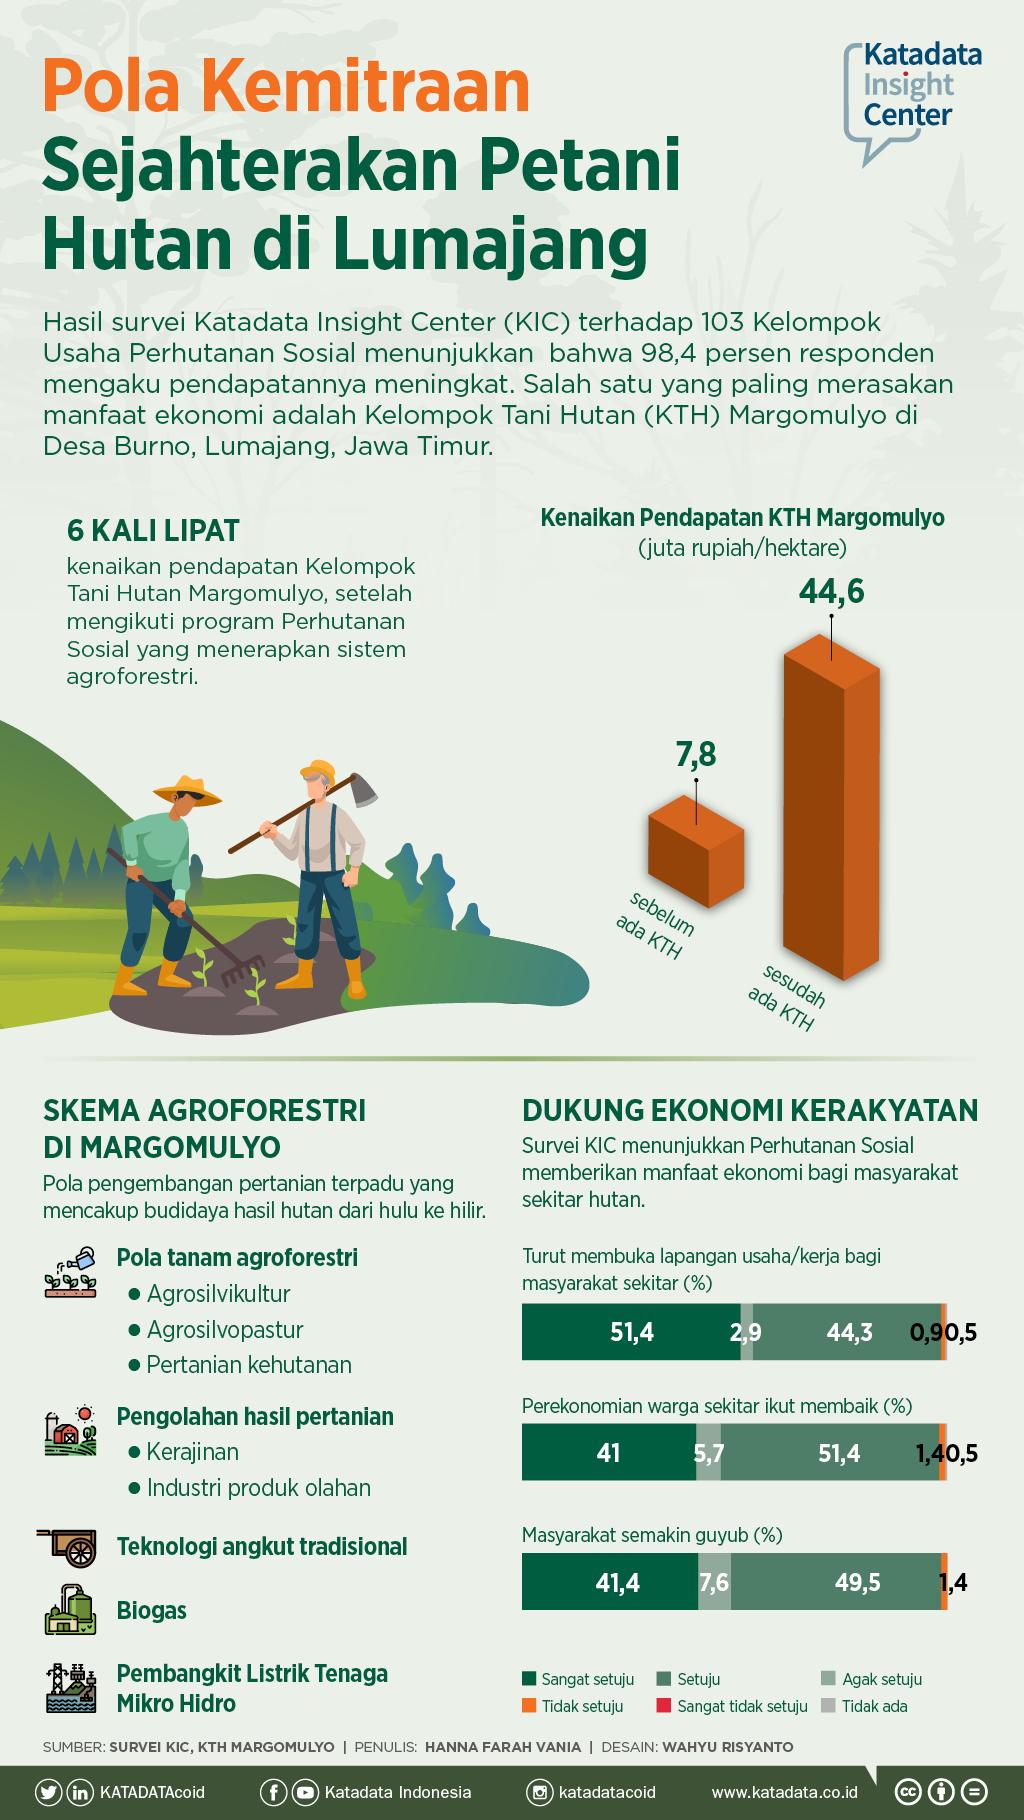 Pola Kemitraan Sejahterakan Petani Hutan di Lumajang